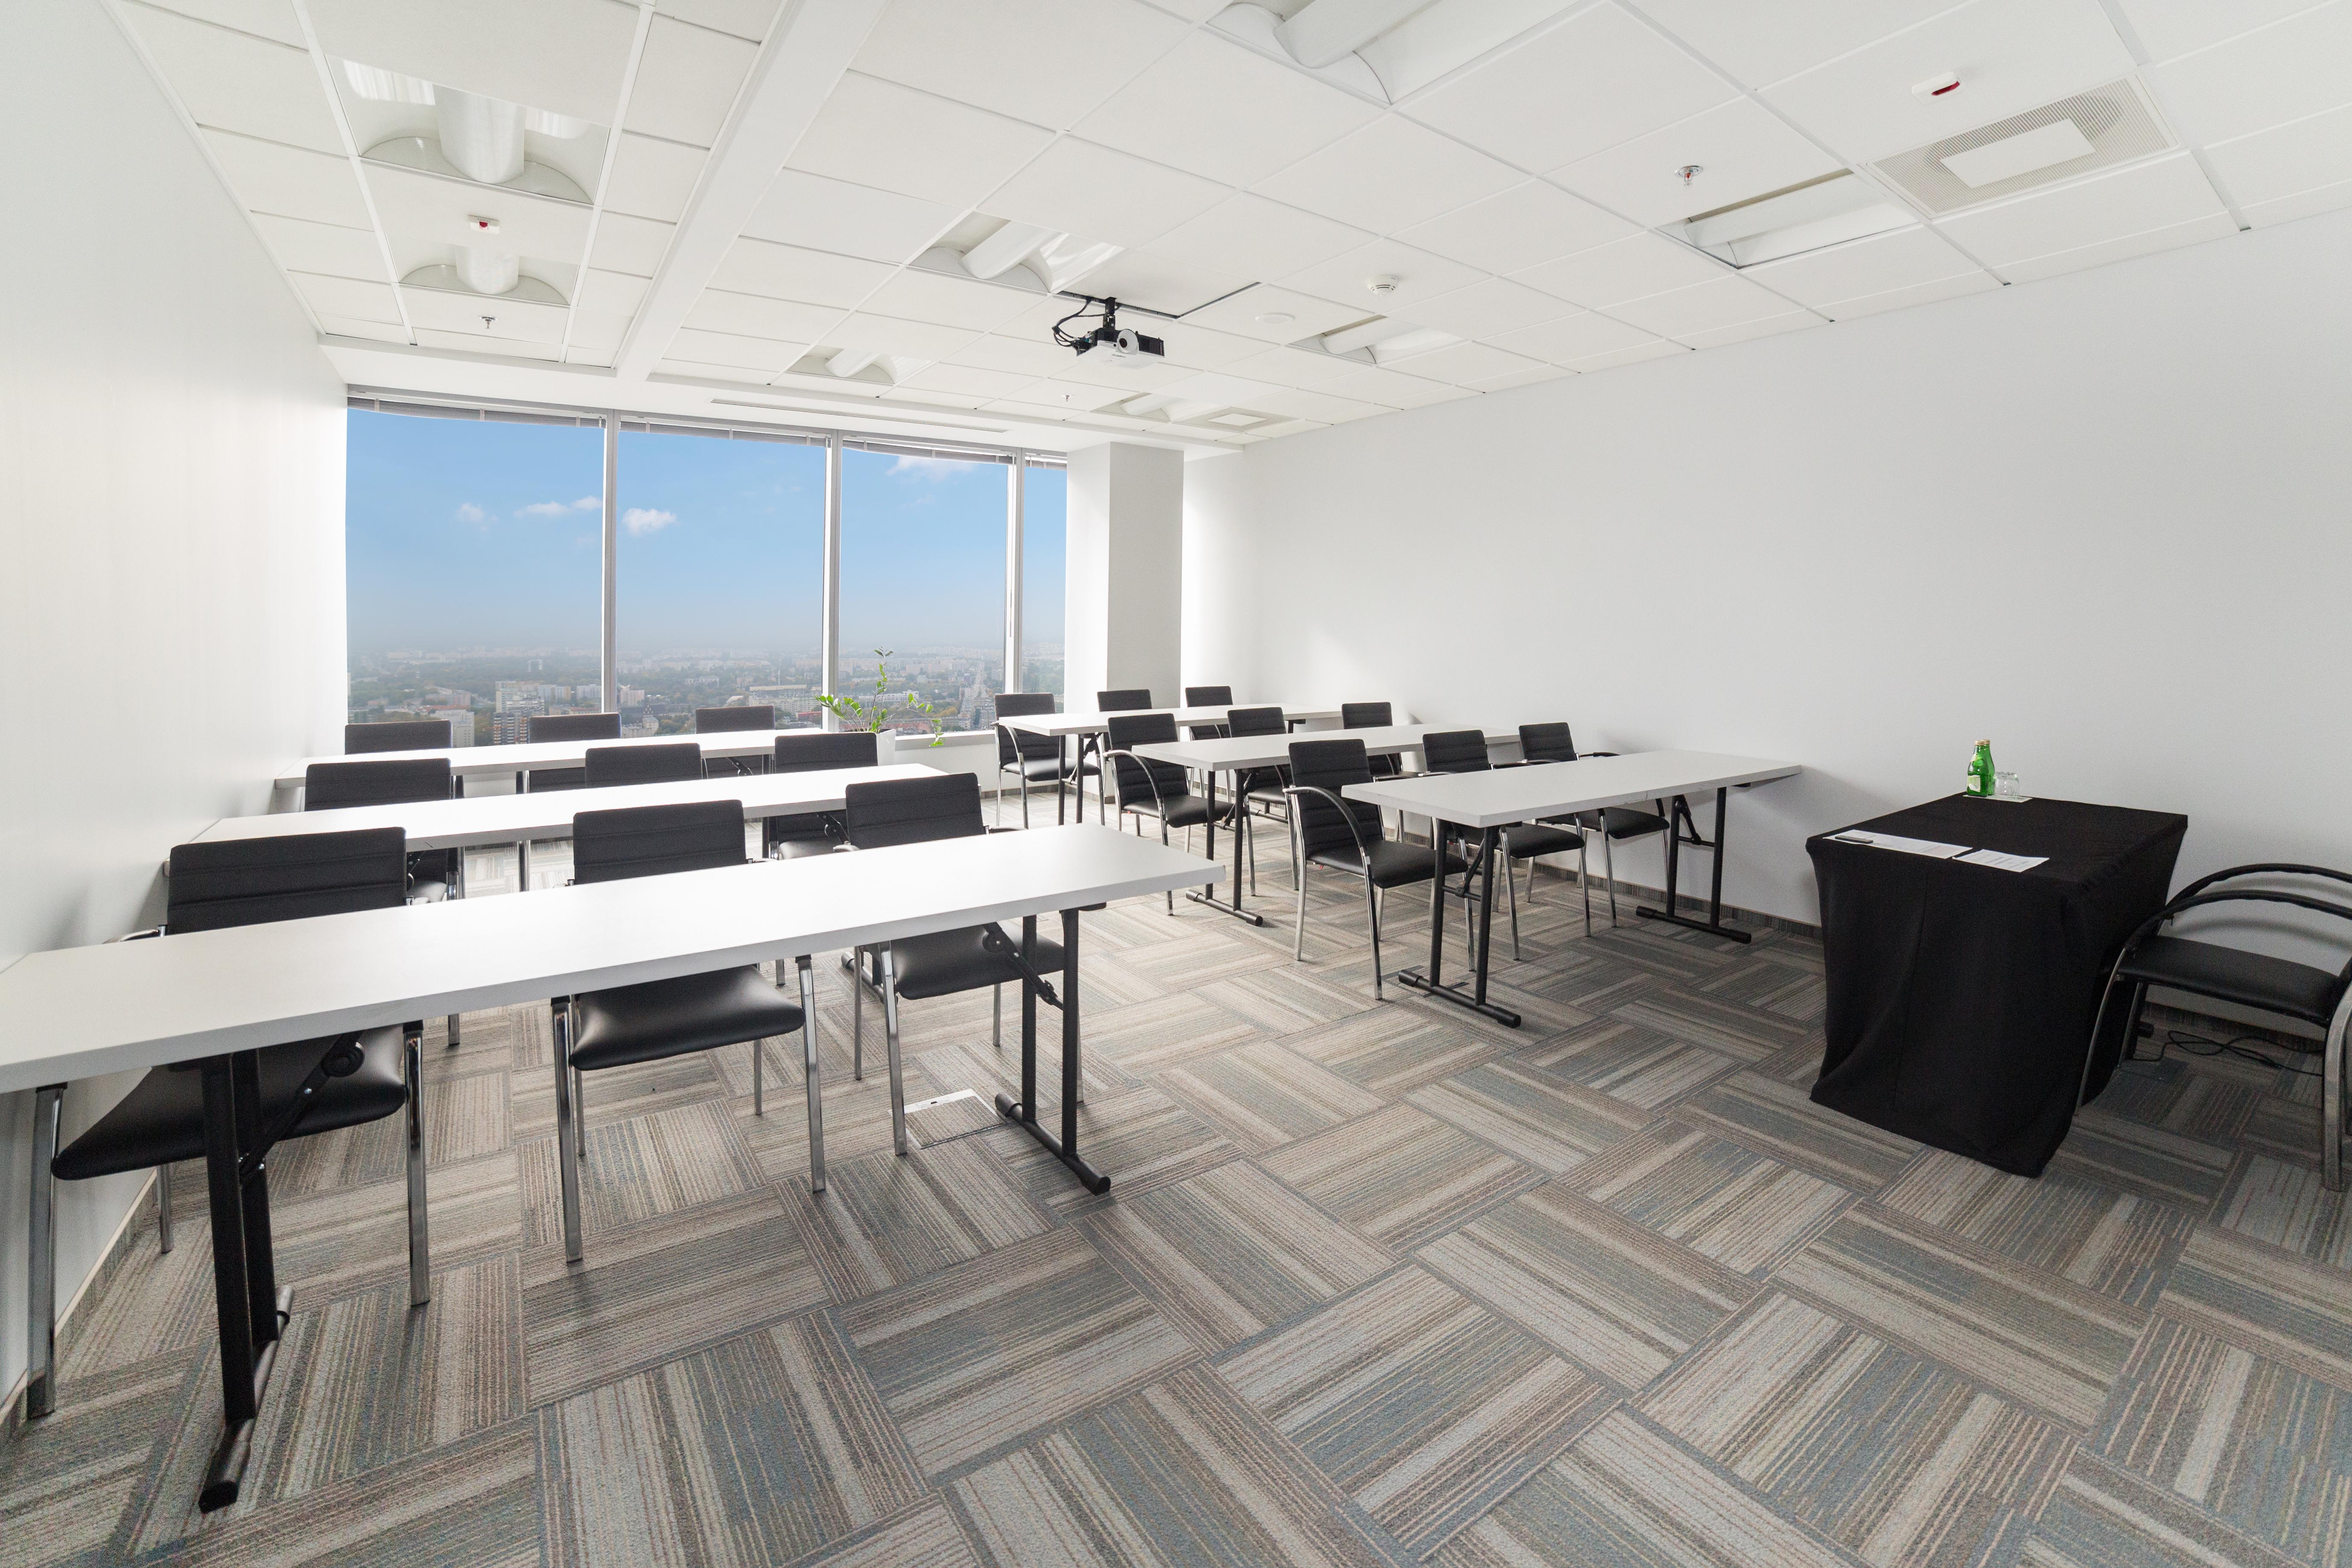 Sala szkoleniowo - konferencyjna W9 na wynajem Golden Floor Tower, ul. Chłodna 51, Warszawa Centrum